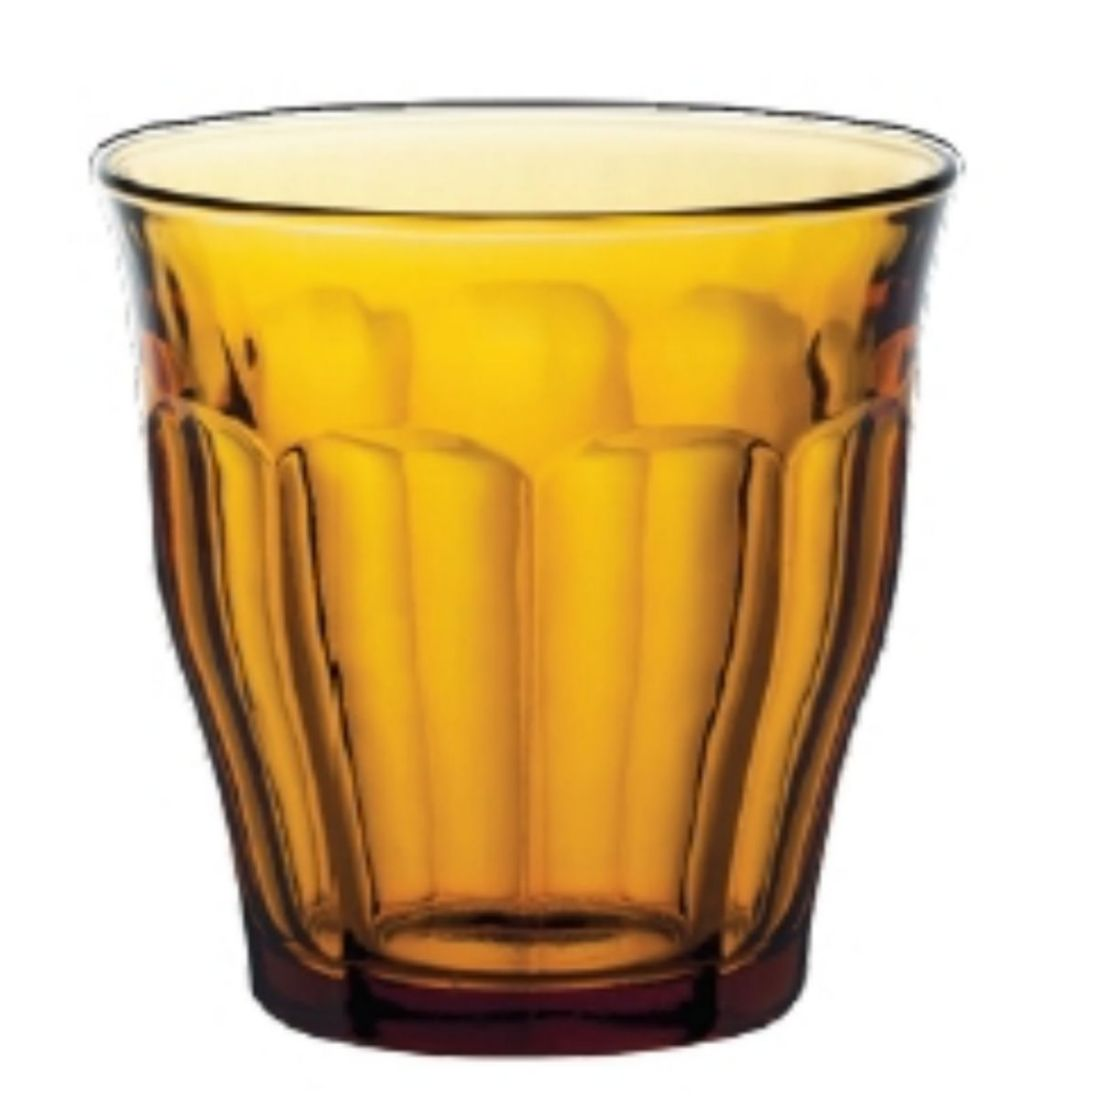 Sklenice Picardie 250 ml oranžová